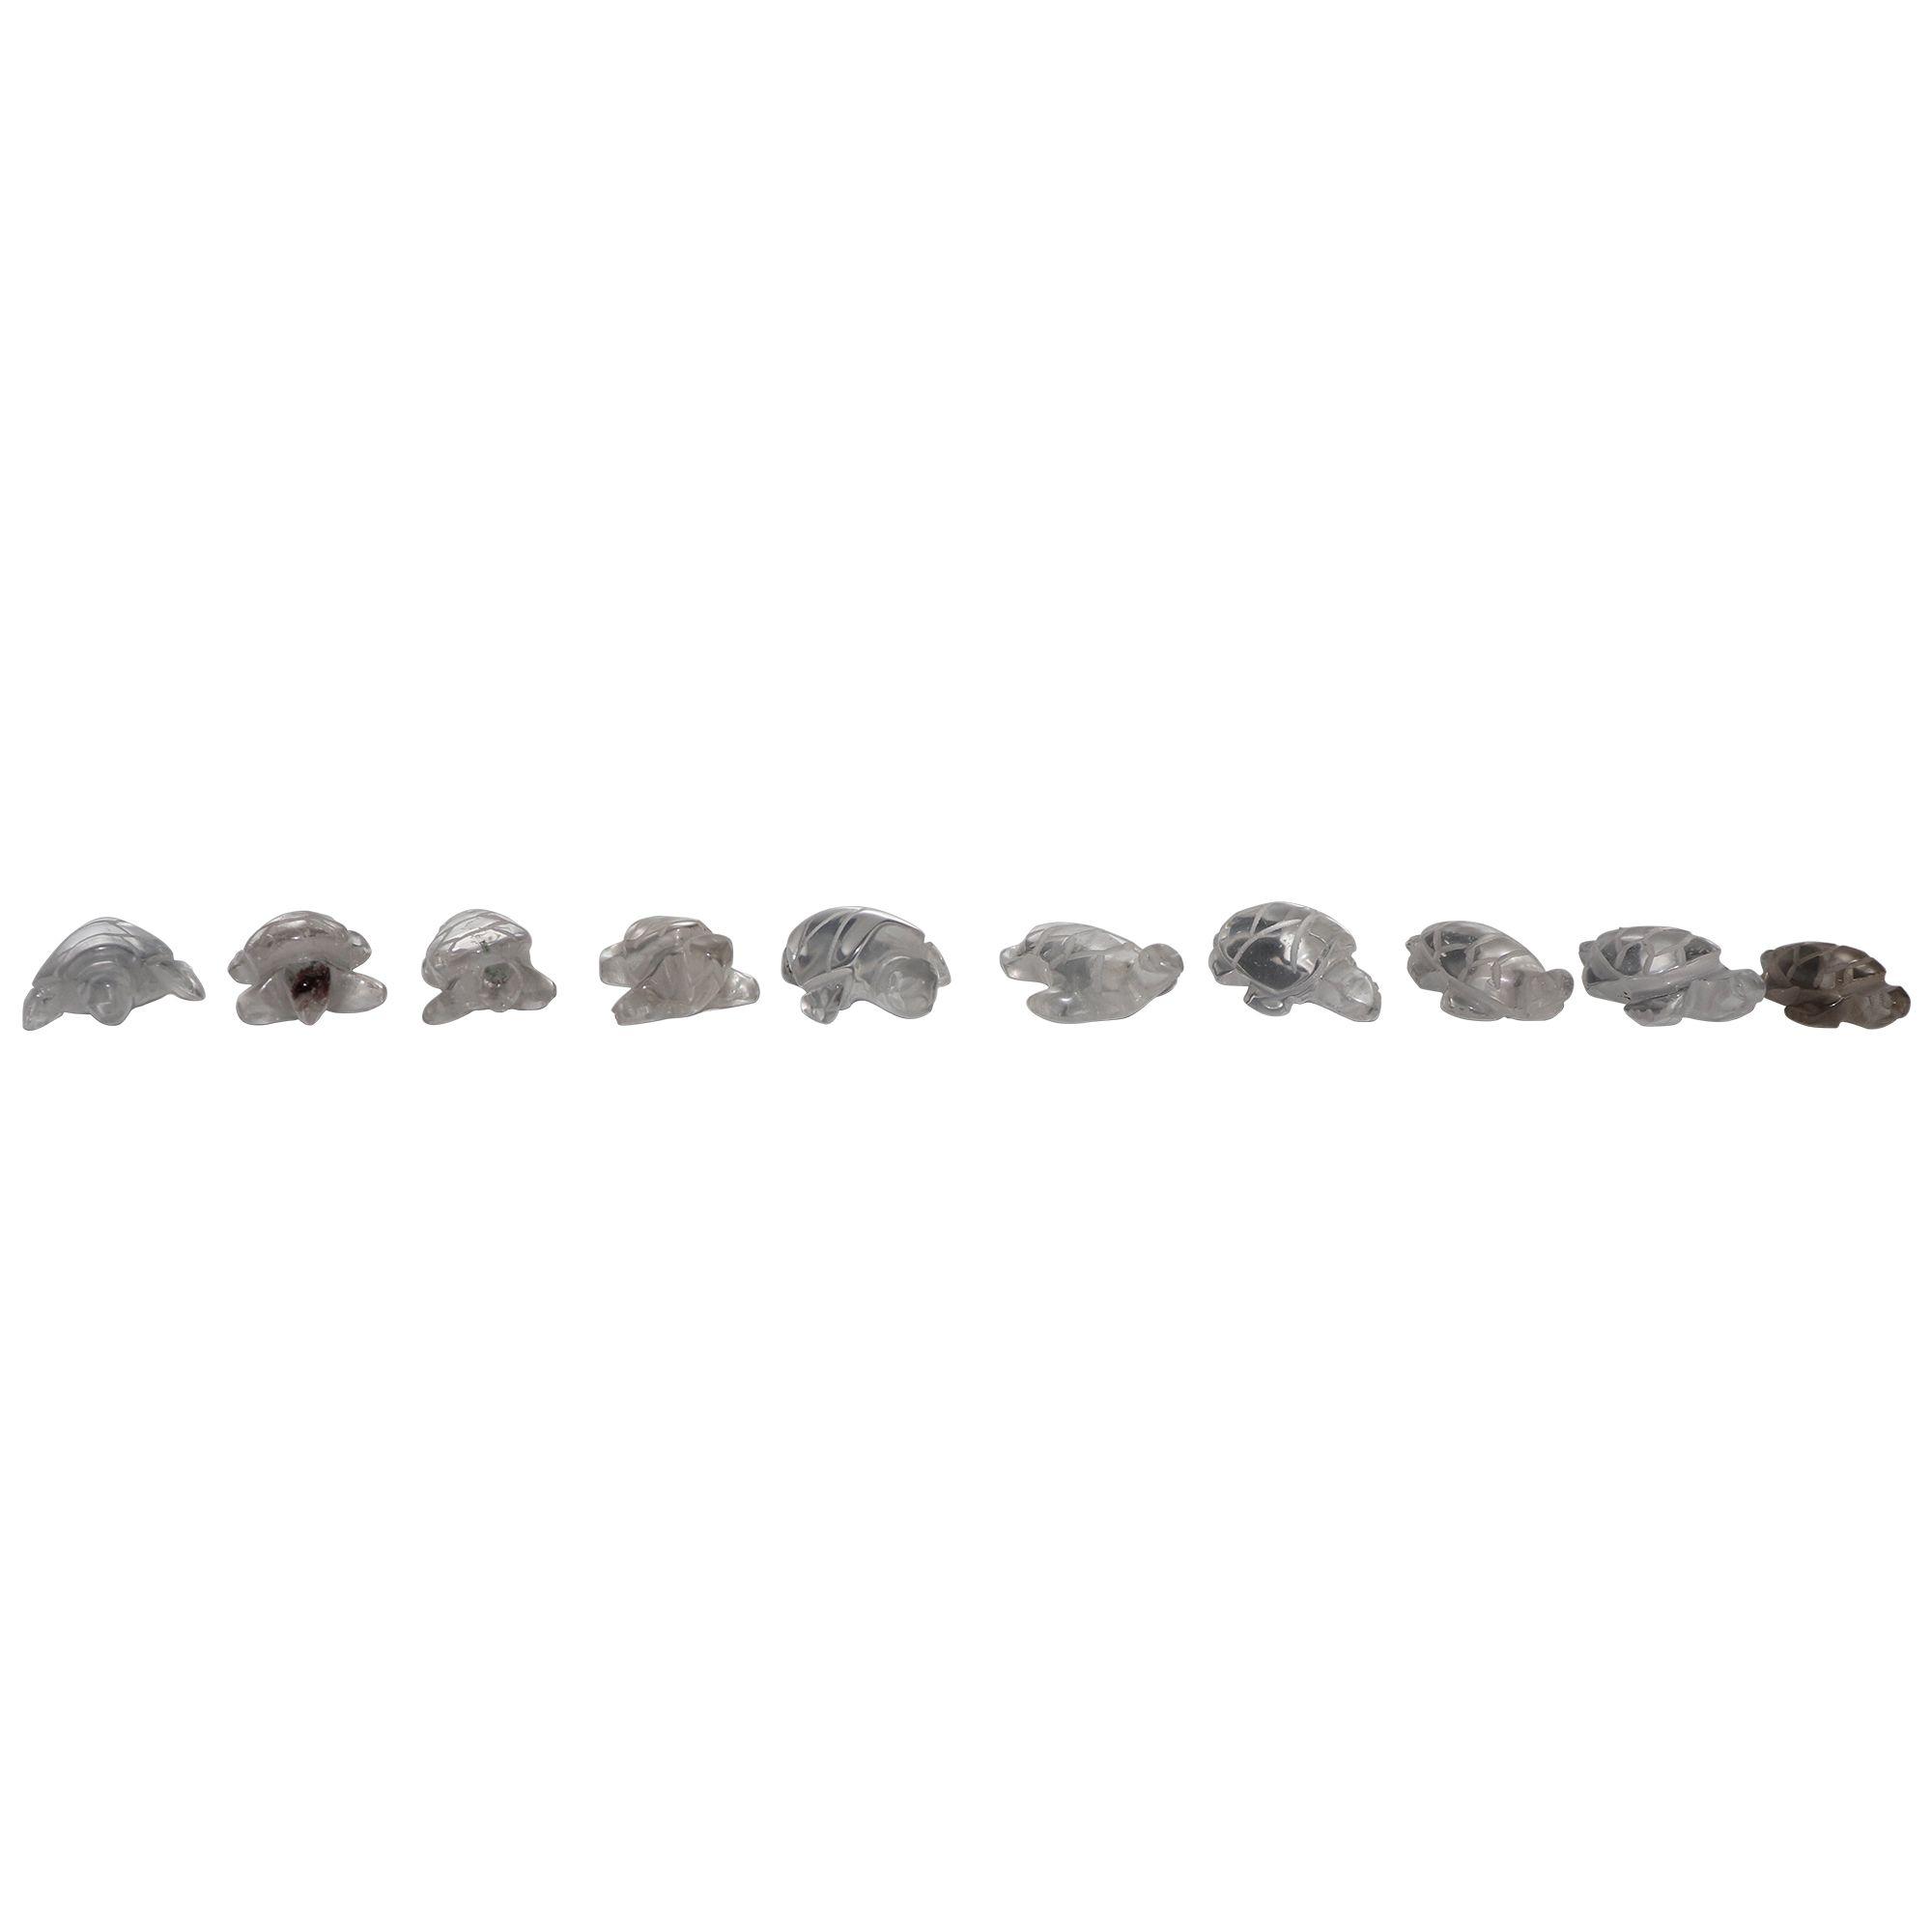 Tartaruga de Quartzo cristal 3g - Lapidado polido